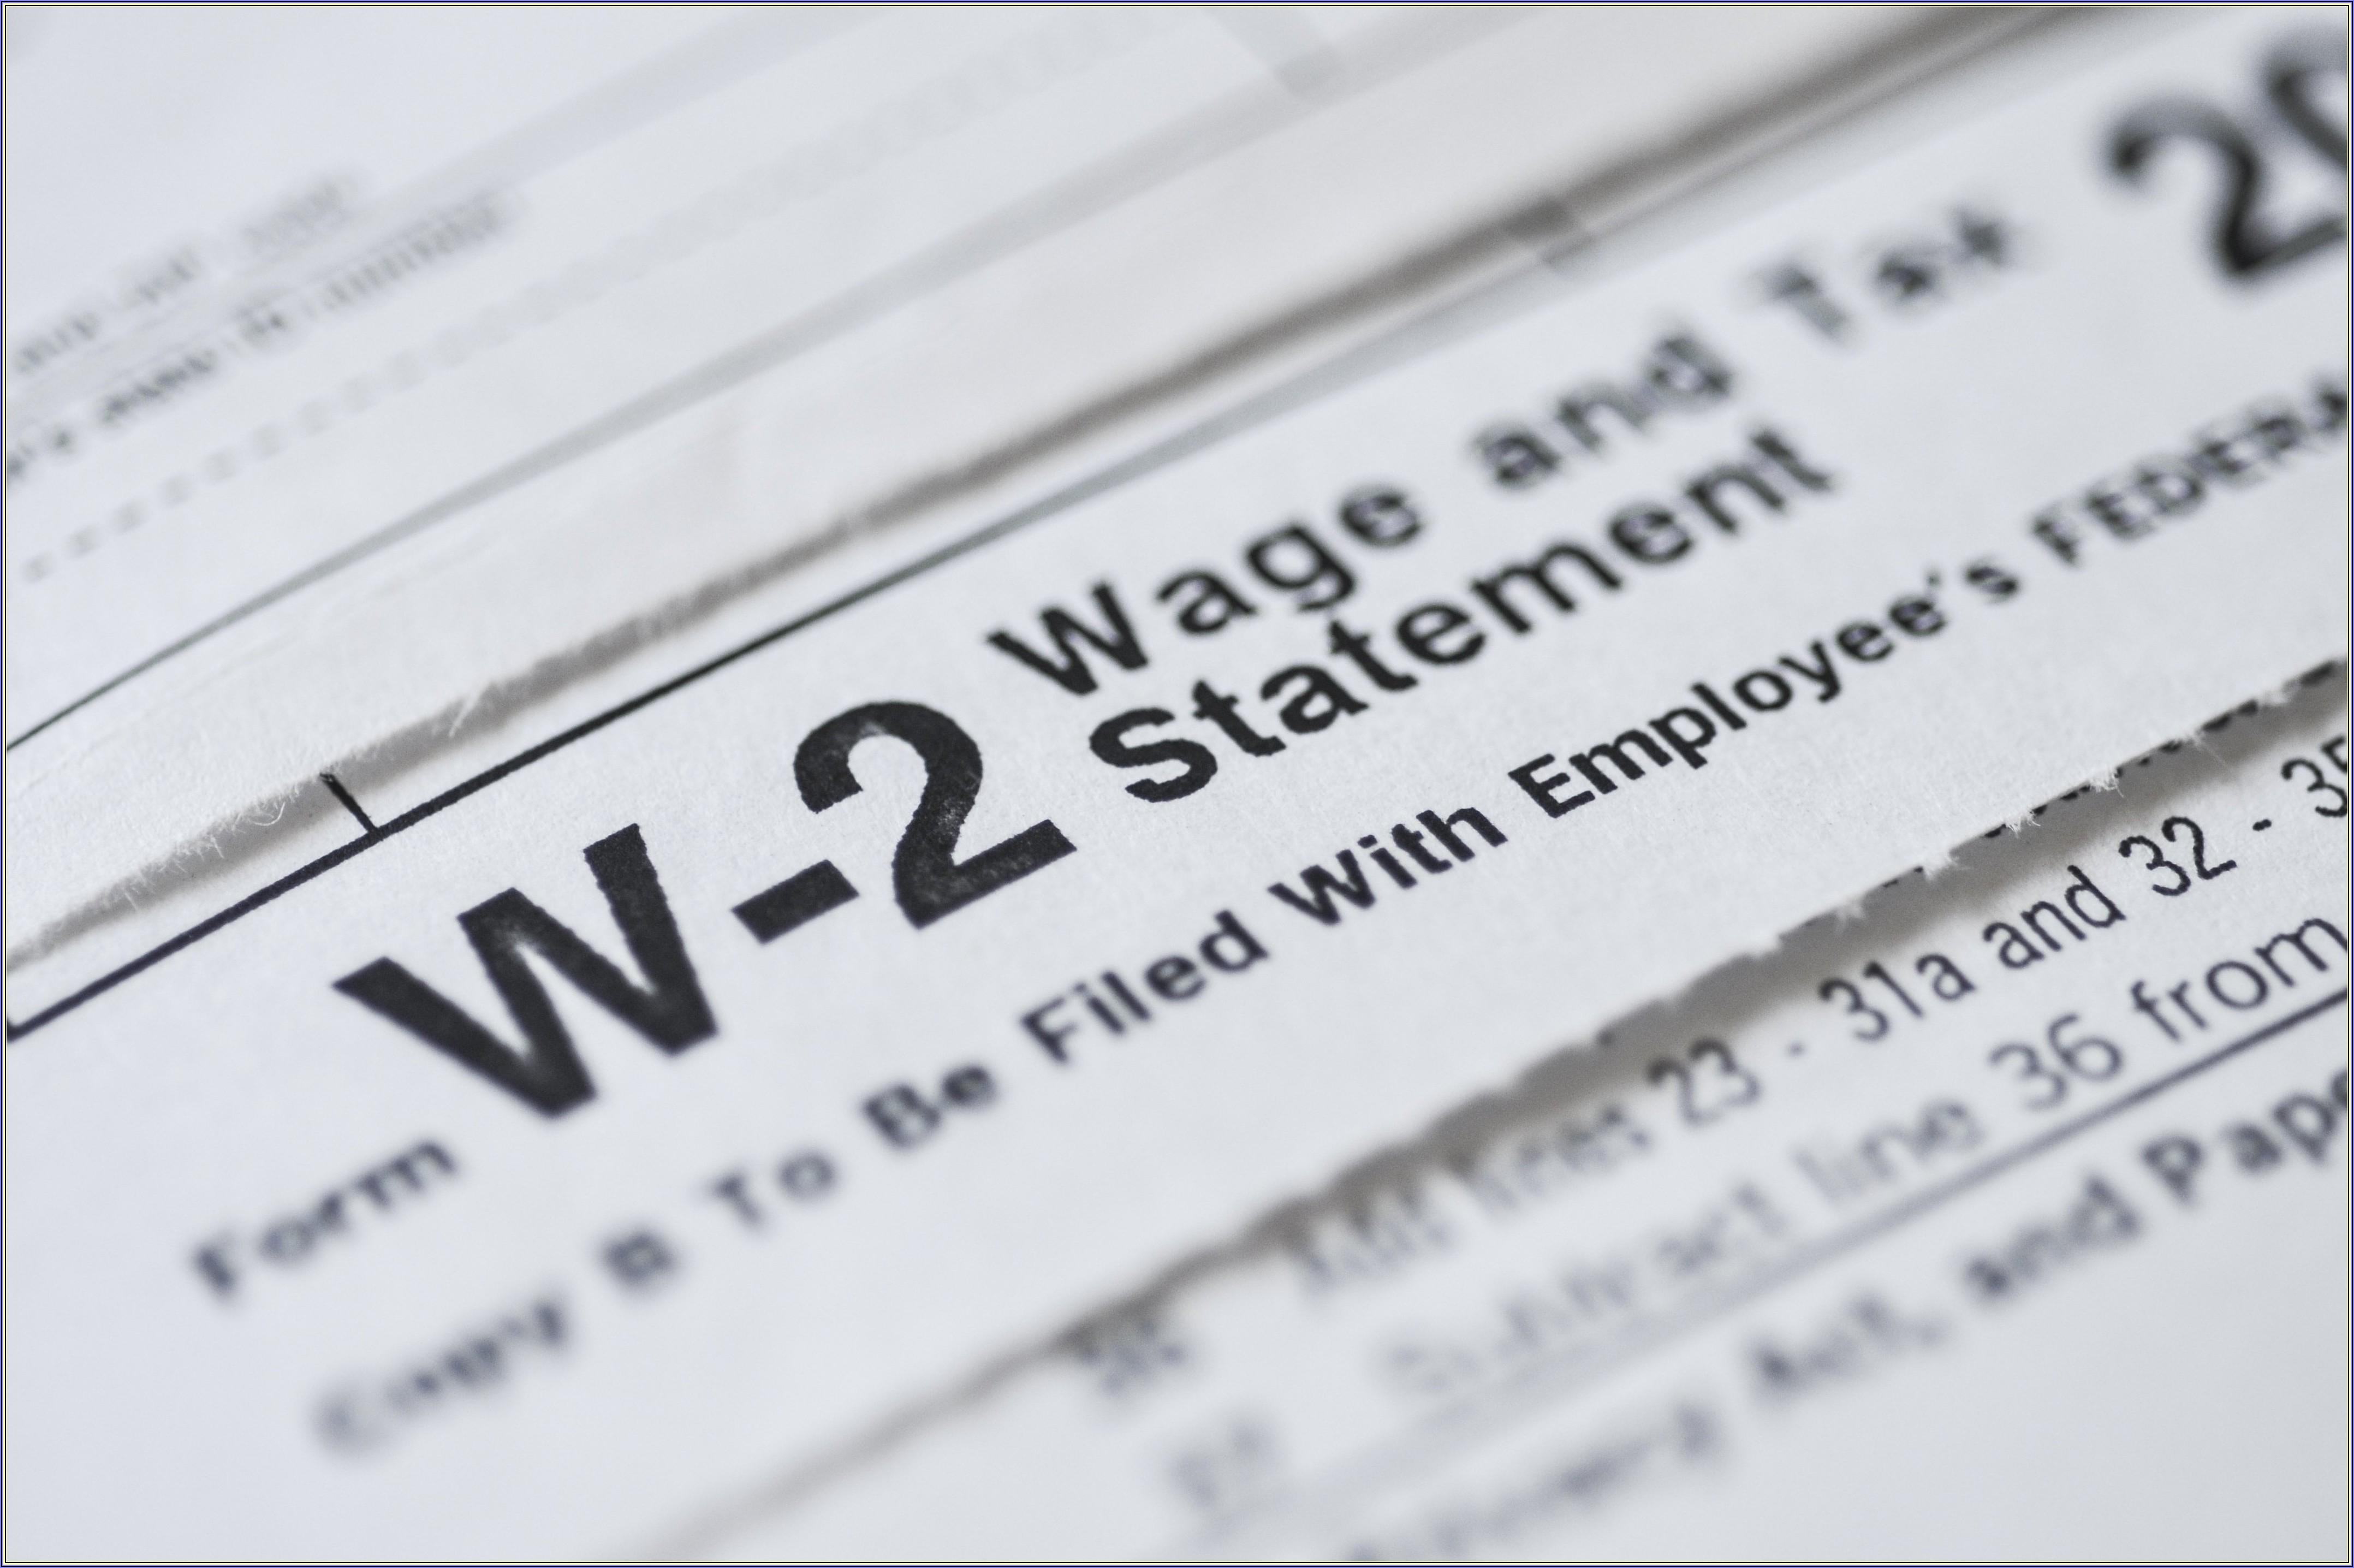 Ny 2013 Tax Forms